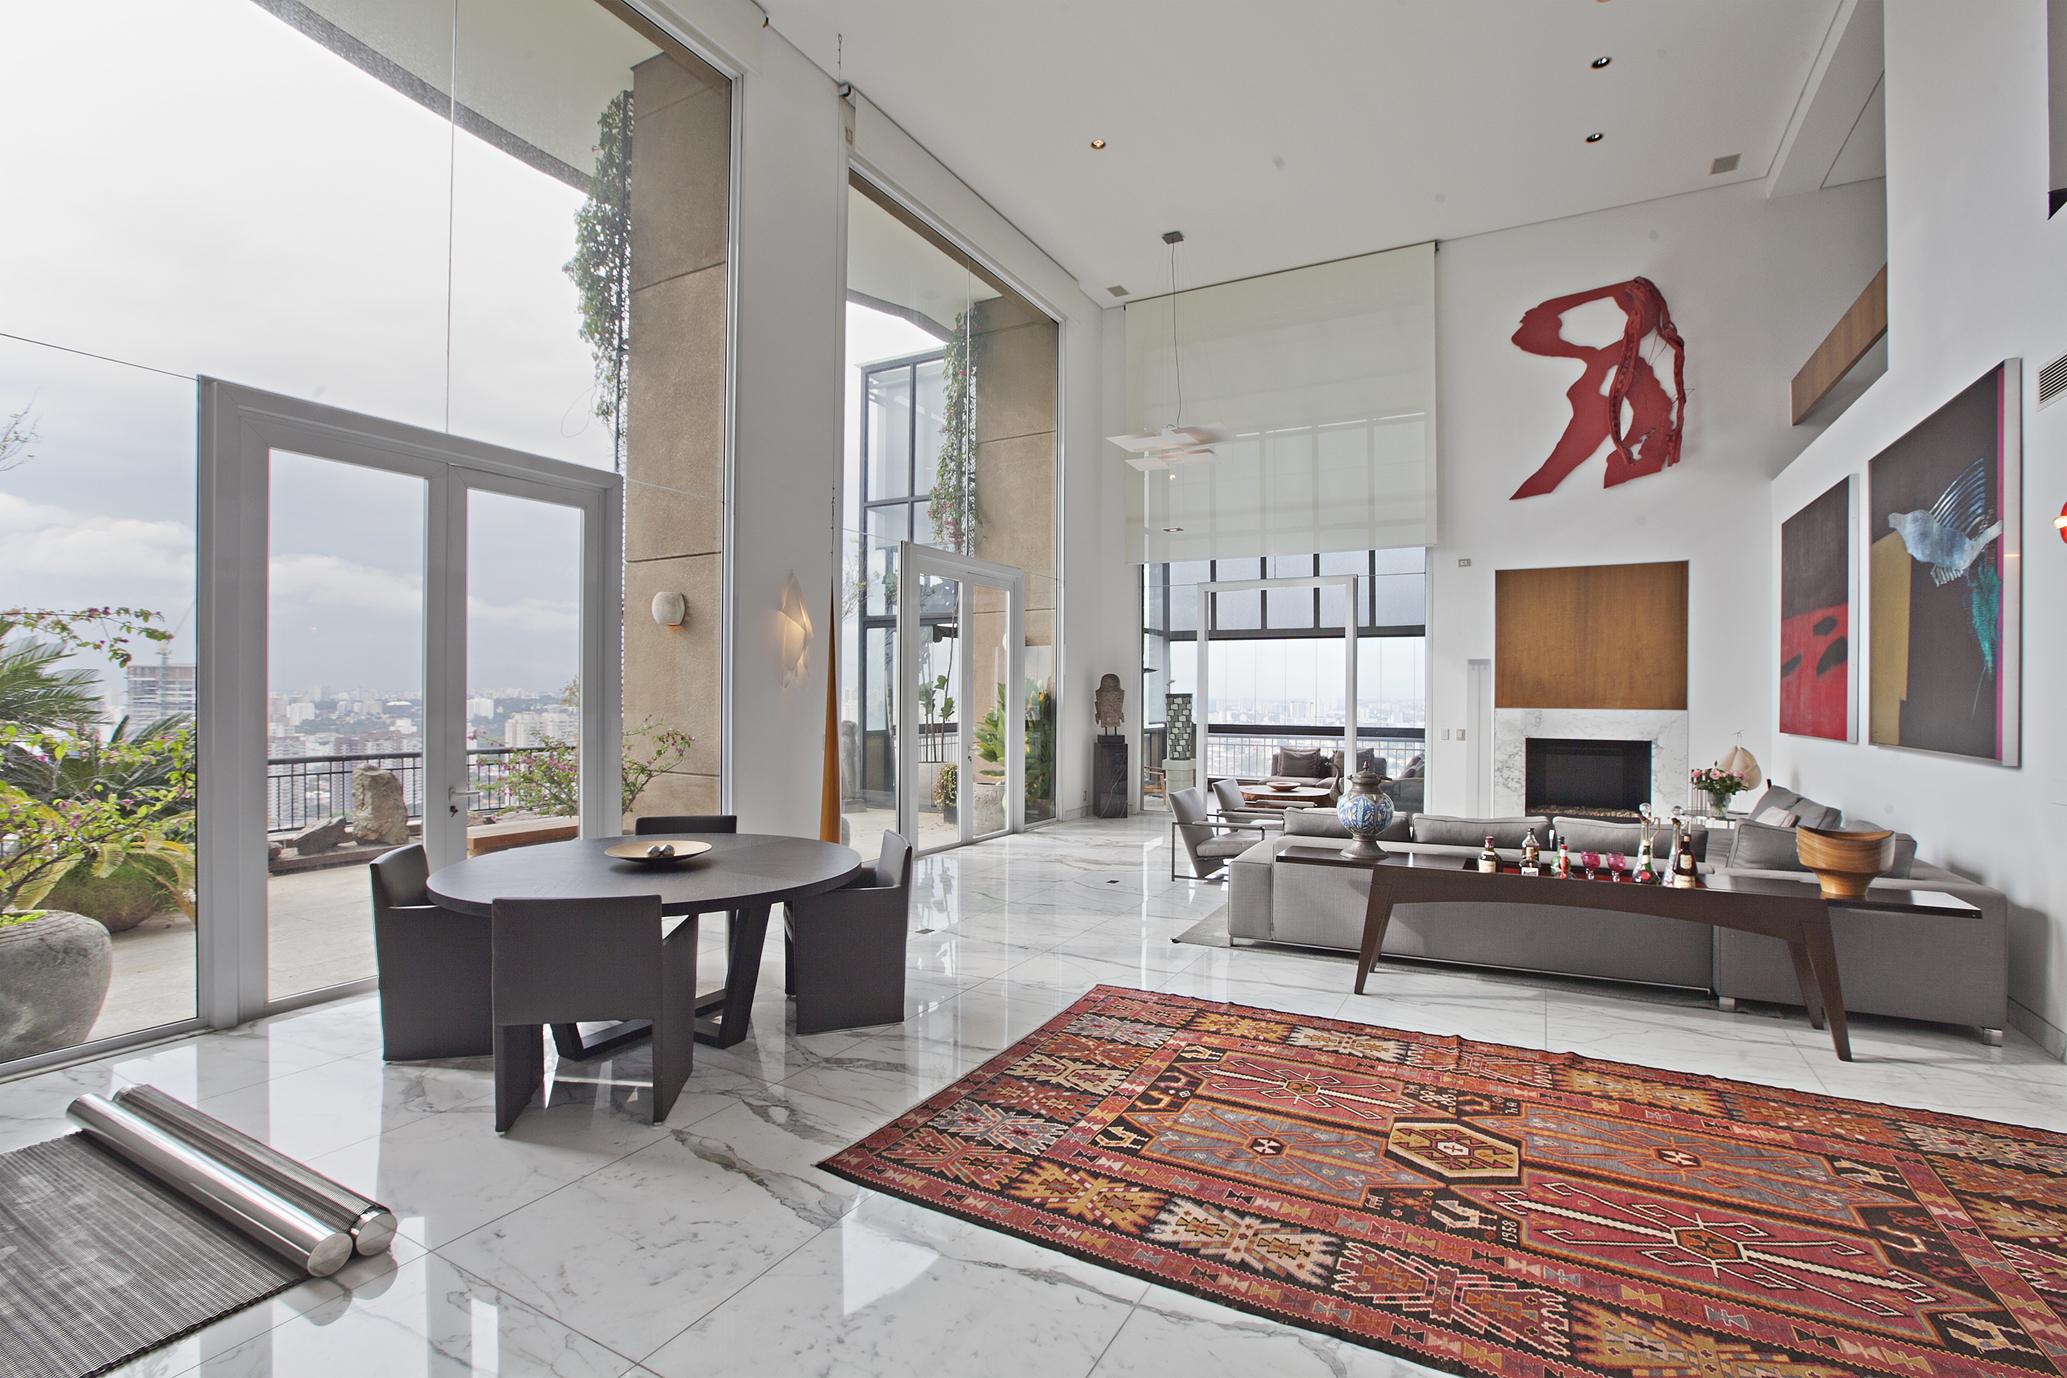 단독 가정 주택 용 매매 에 Tangará Duplex Rua Deputado Laércio Corte Sao Paulo, 상파울로, 05706290 브라질